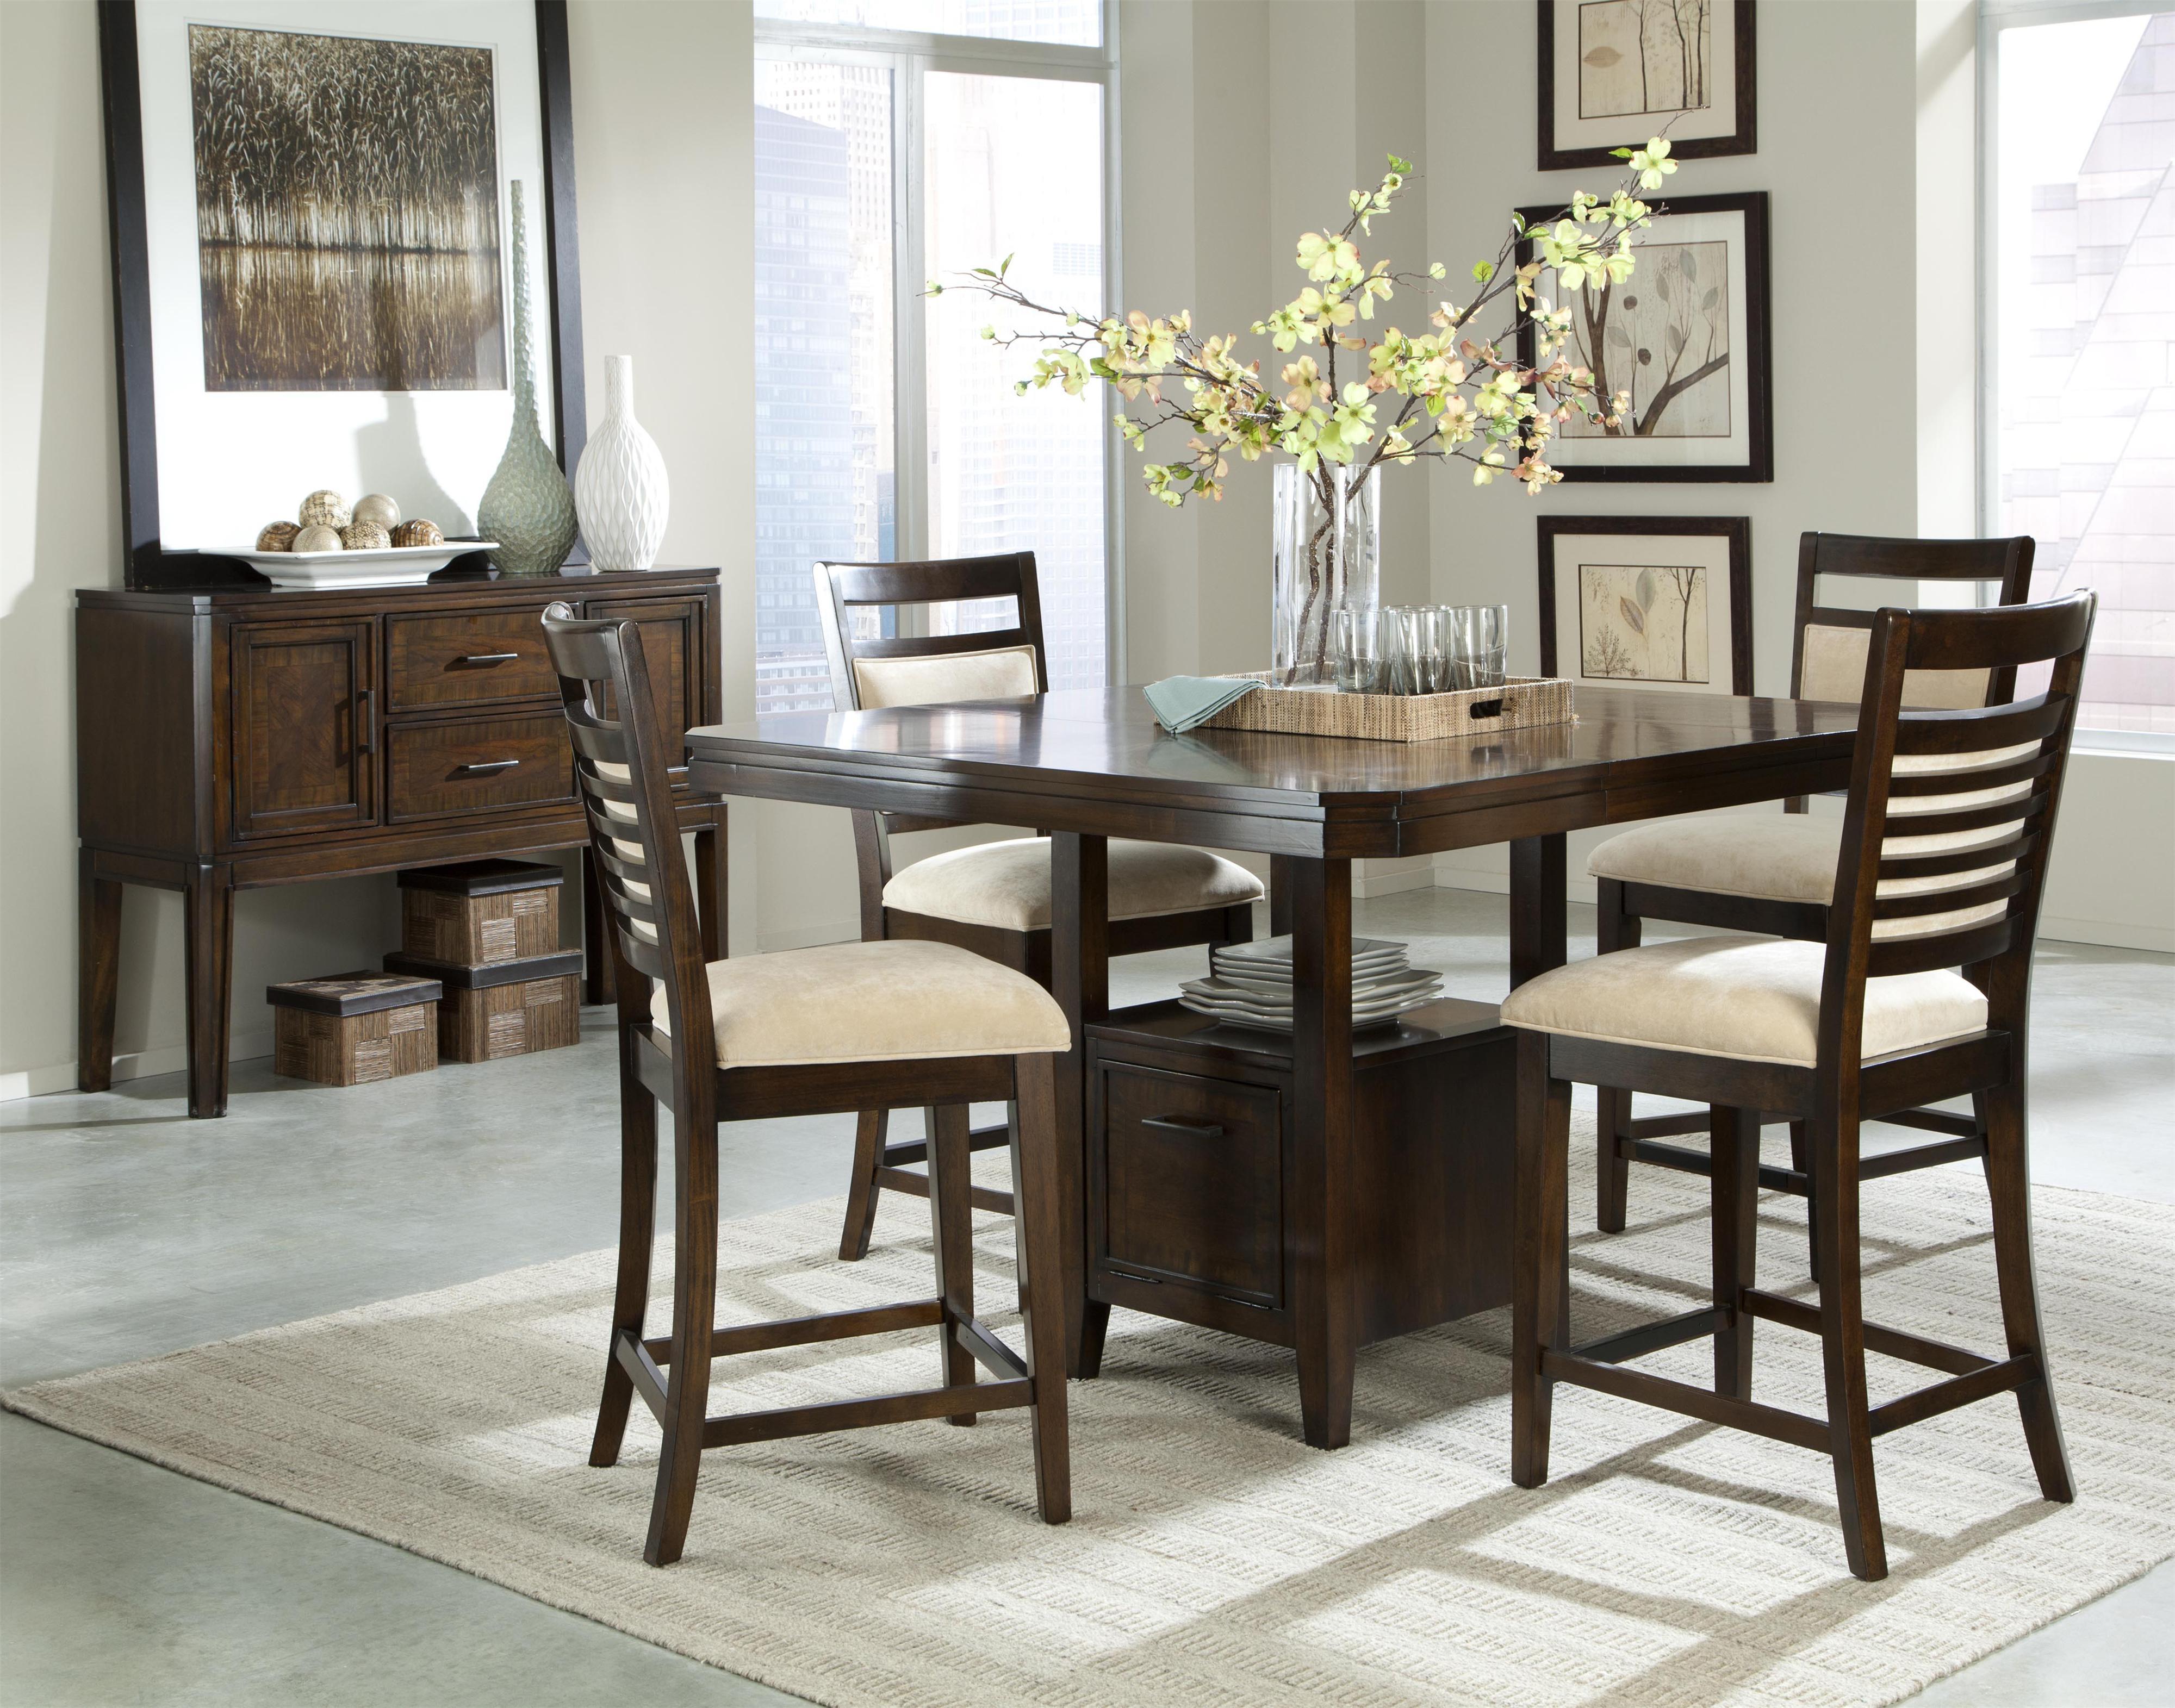 Standard Furniture Avion  Dining Room Group - Item Number: 17820 Dining Room Group 2